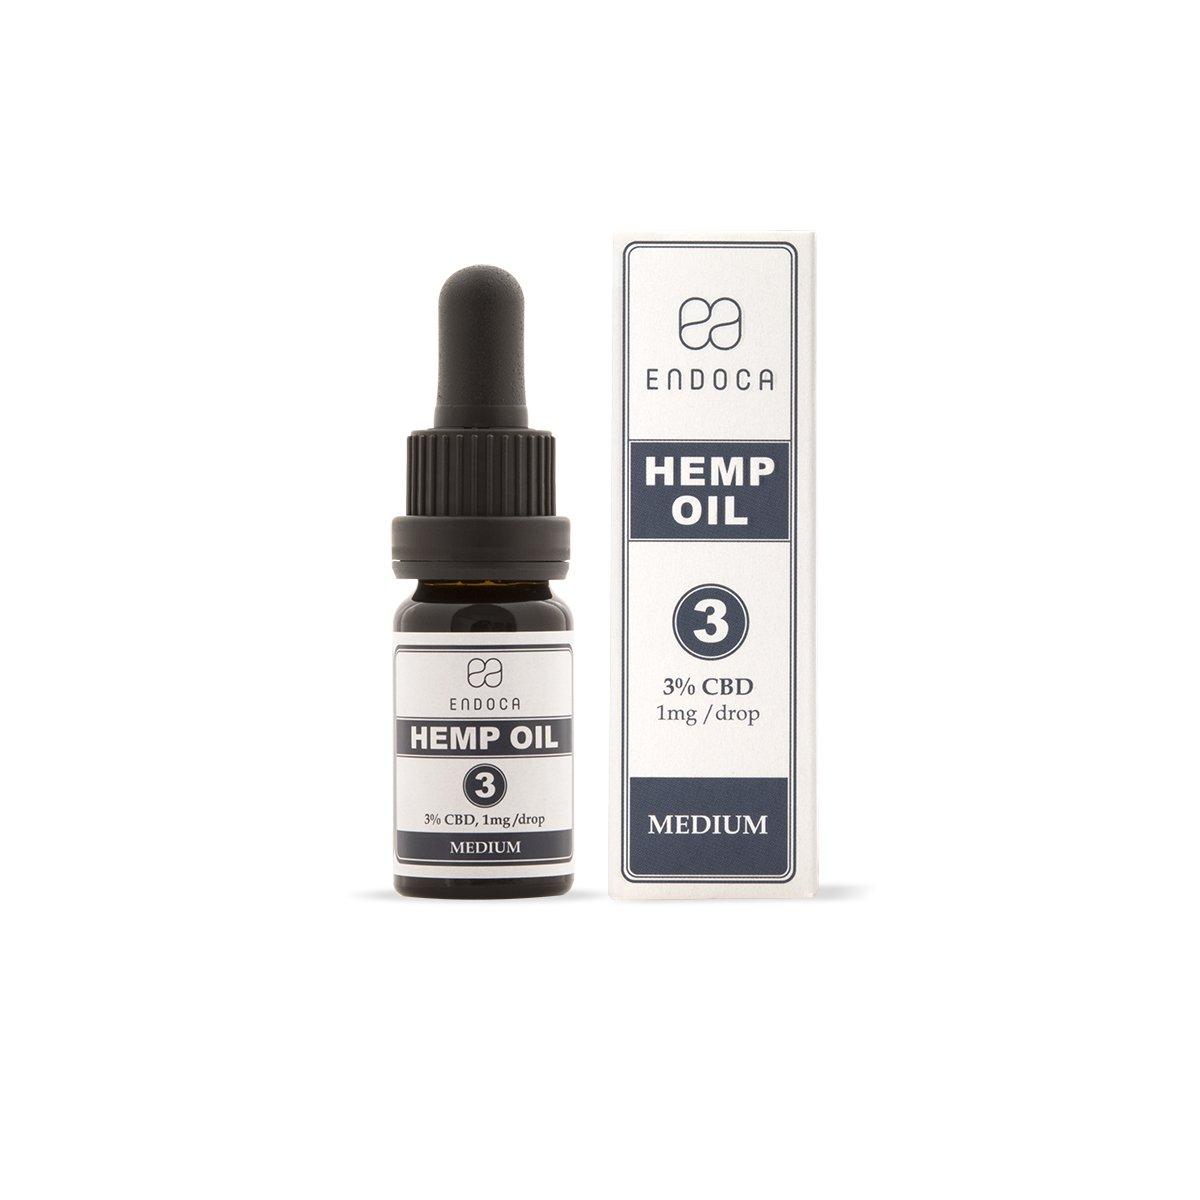 Billede af det ulovlige produkt: ENDOCA Hemp Oil Dråber 3% CBD Olie Medium